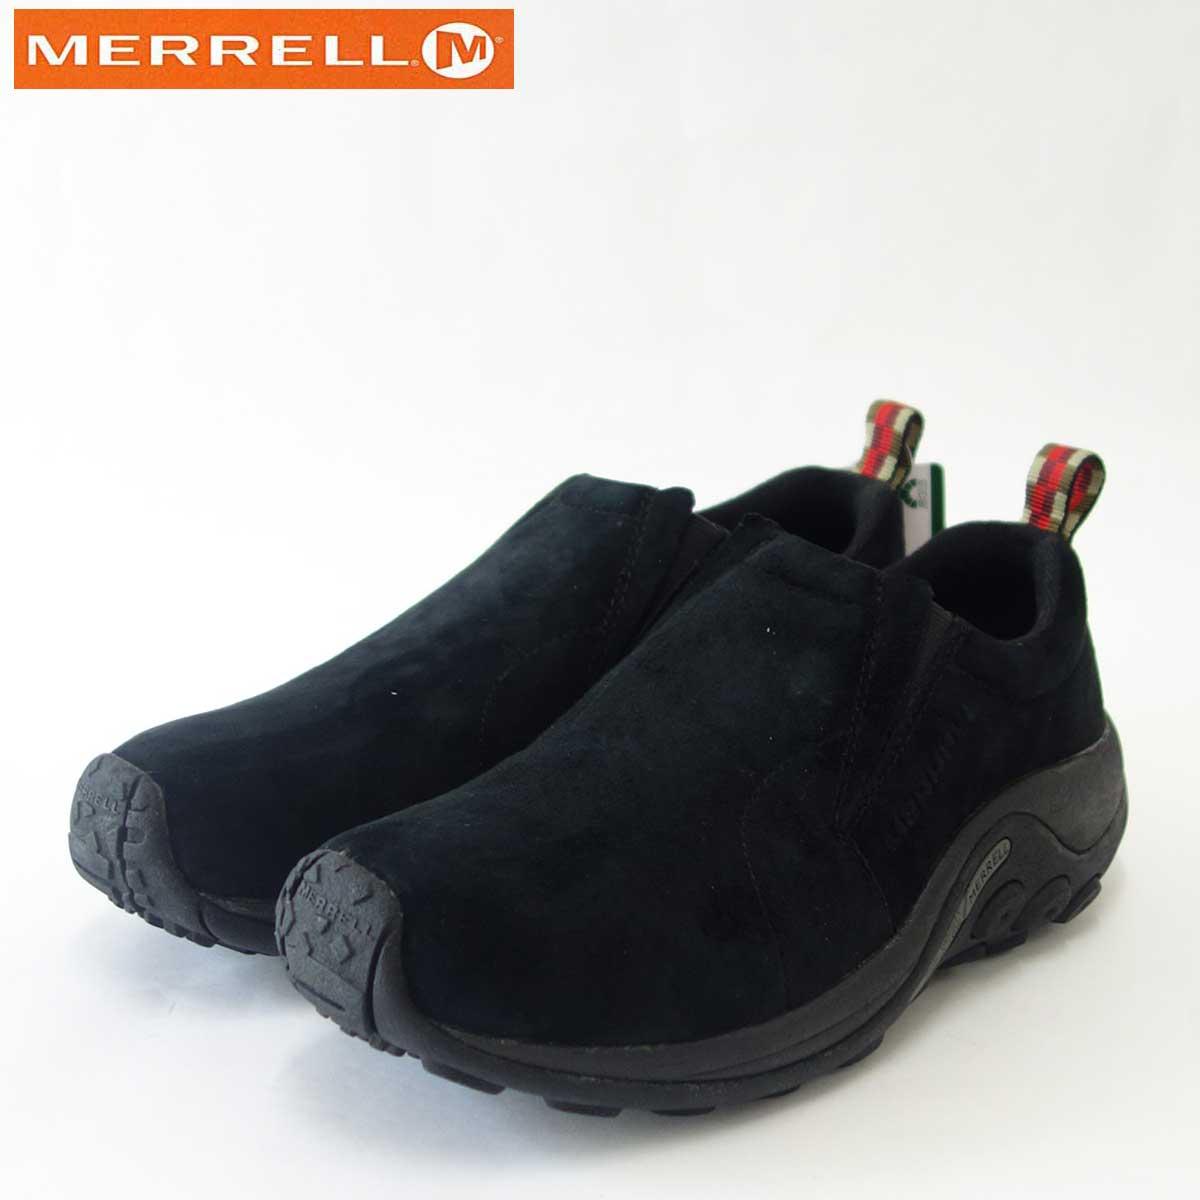 MERRELL メレル ジャングルモックJungle Moc(レディース)60826 ミッドナイトエアークッションで快適ウォーク「靴」